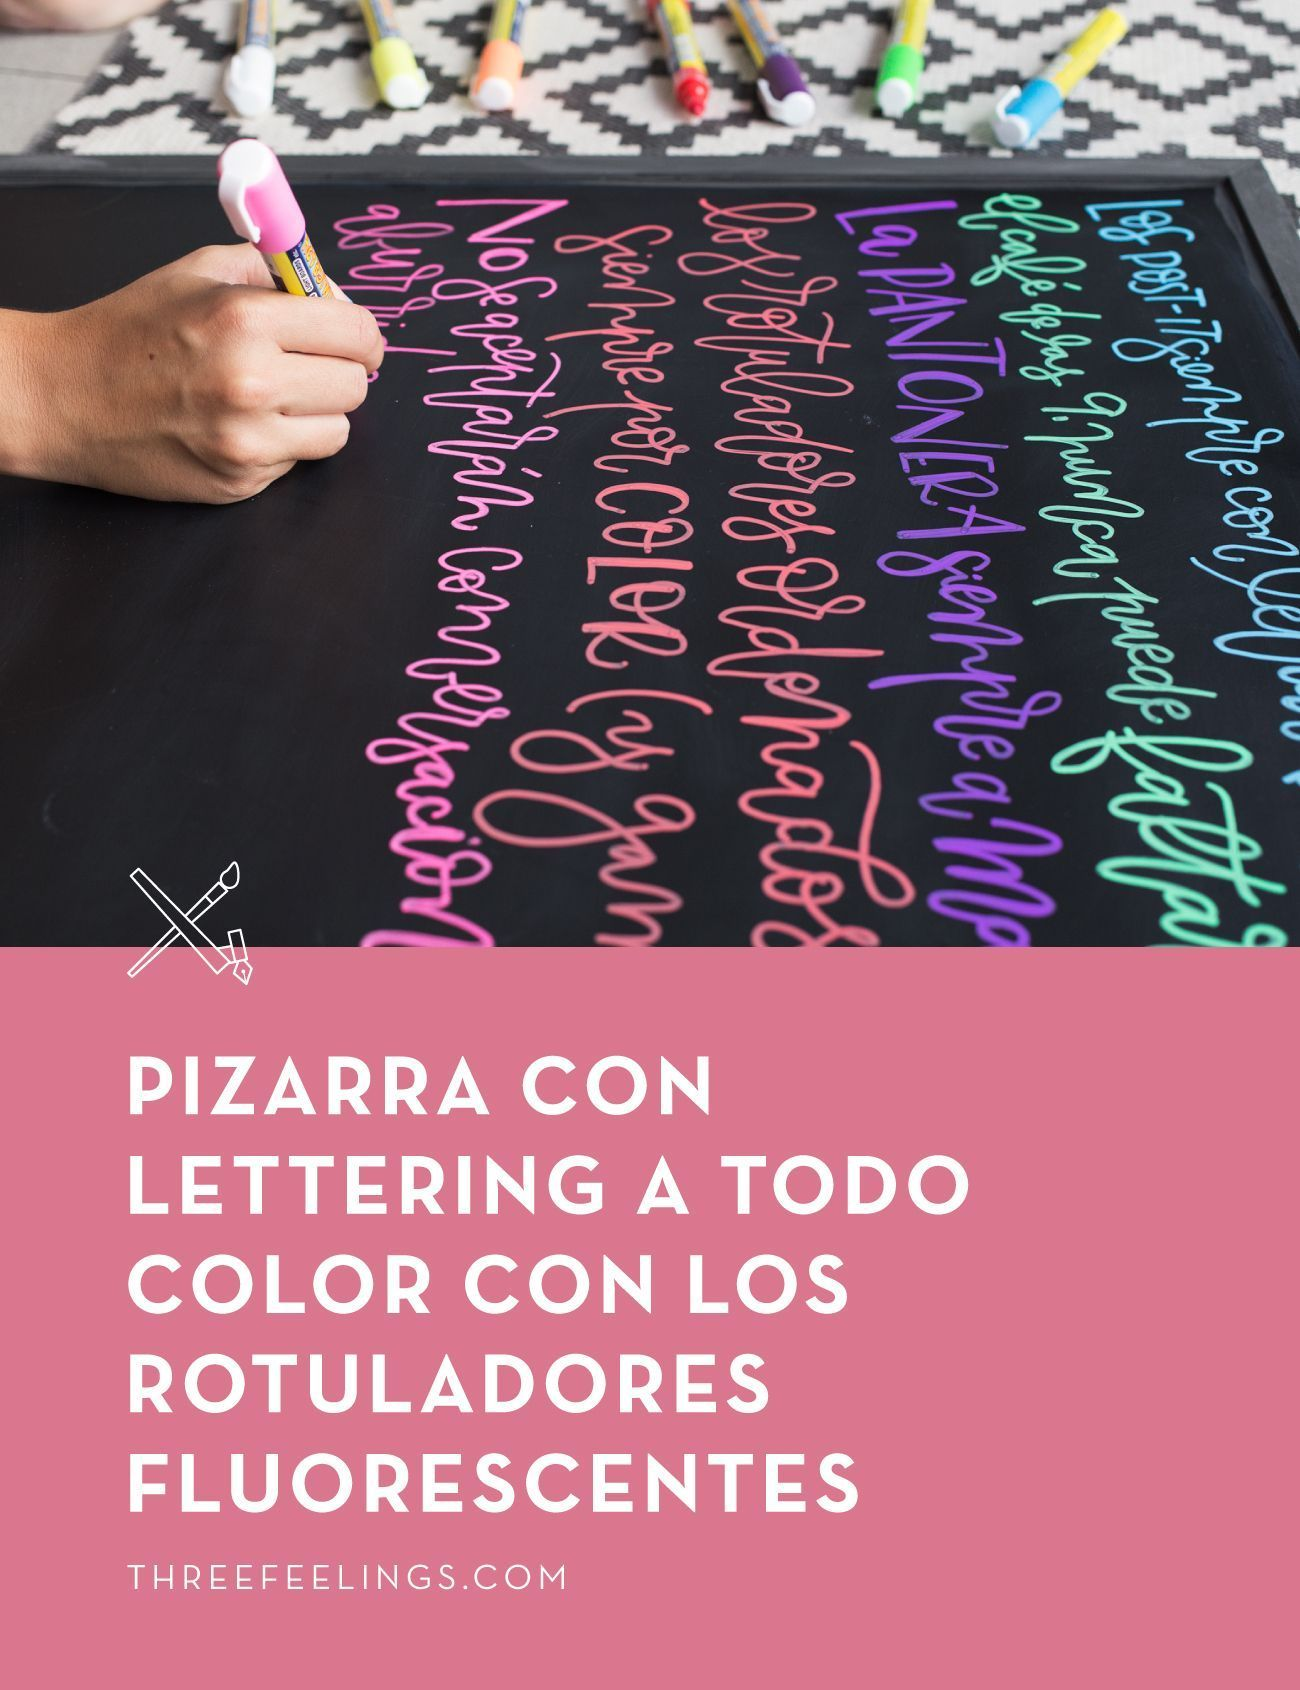 Cómo Escribir Con Lettering Y Caligrafía En Una Pizarra